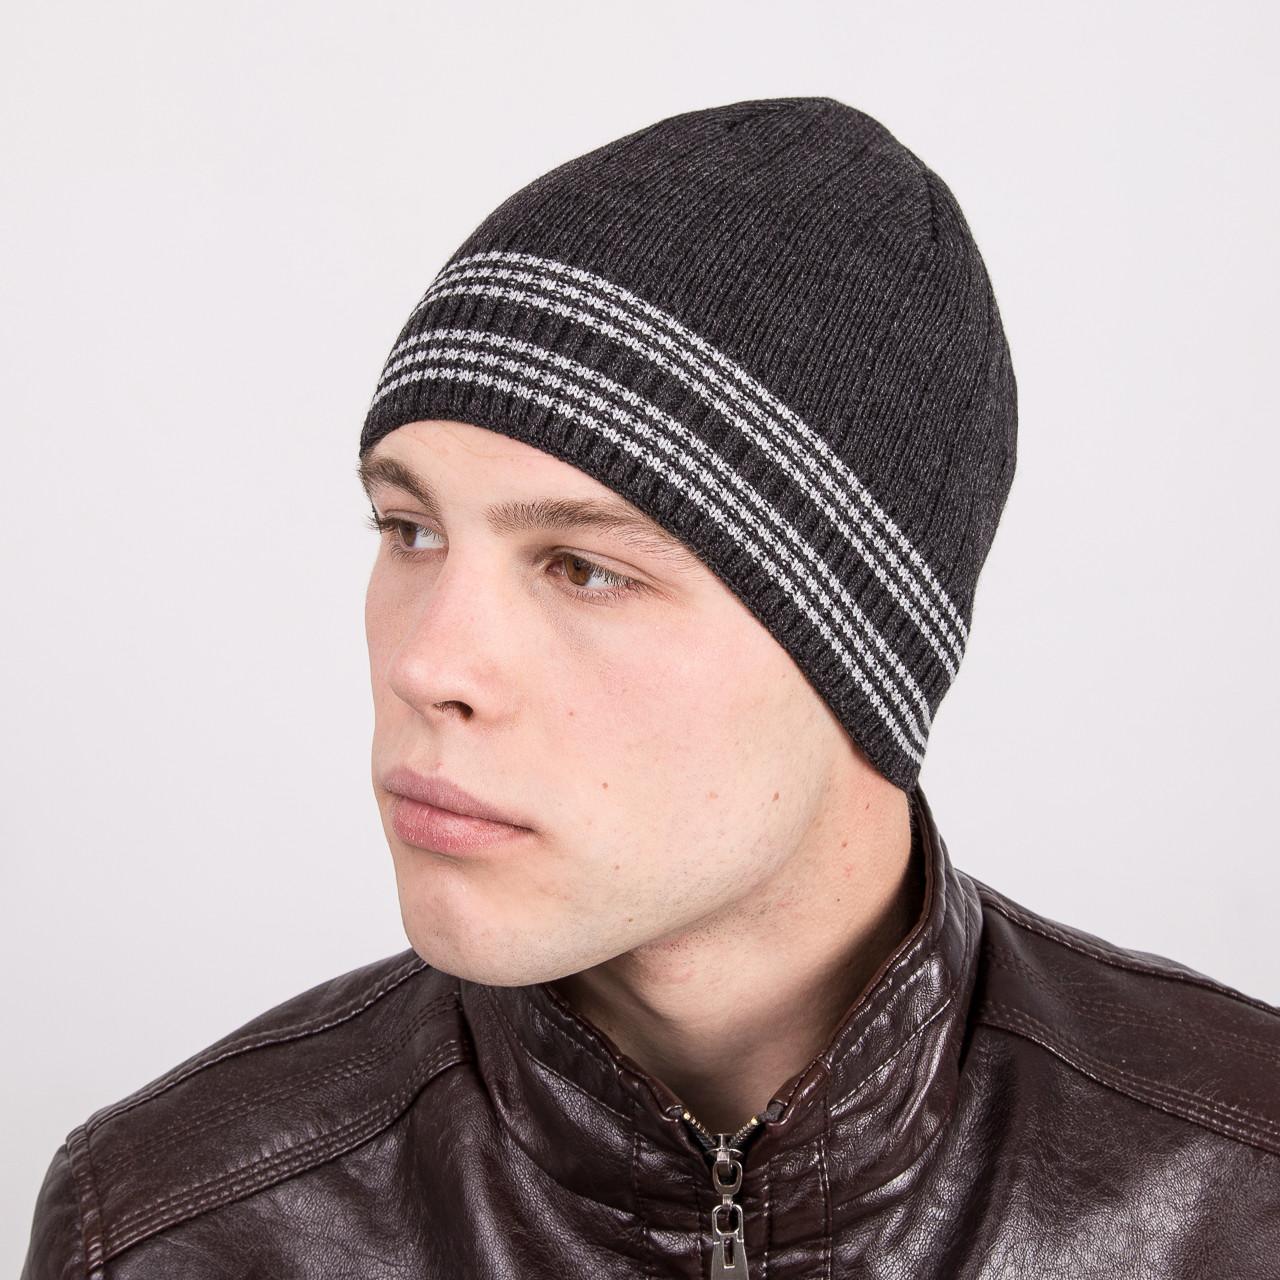 Вязаная мужская молодежная шапка в полоску - Артикул m32b